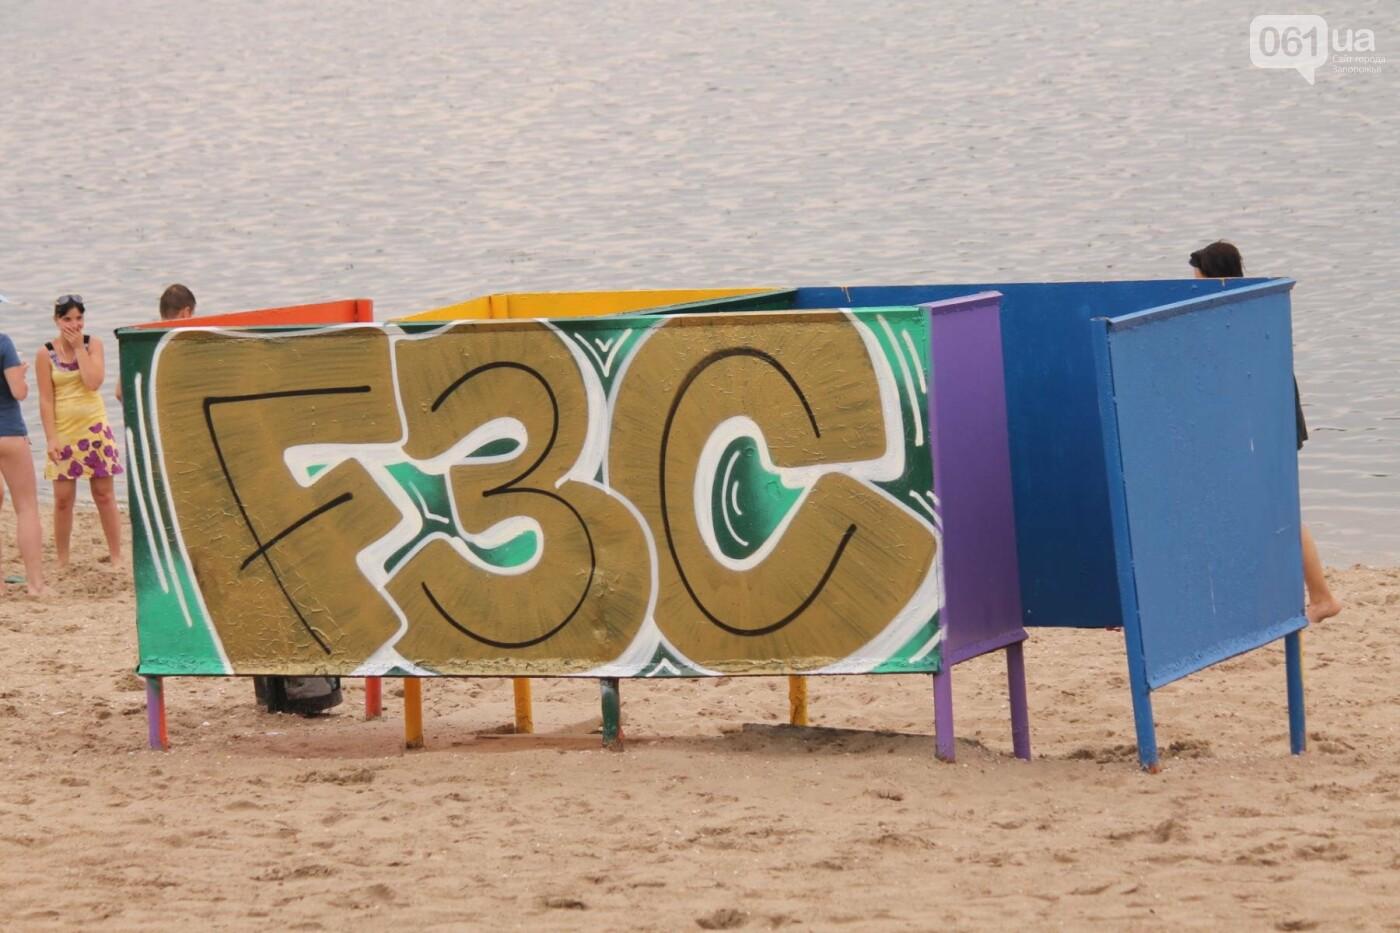 В Запорожье на пляже закончился фестиваль граффити: разрисовали 150 метров бетонной стены, – ФОТОРЕПОРТАЖ, фото-48